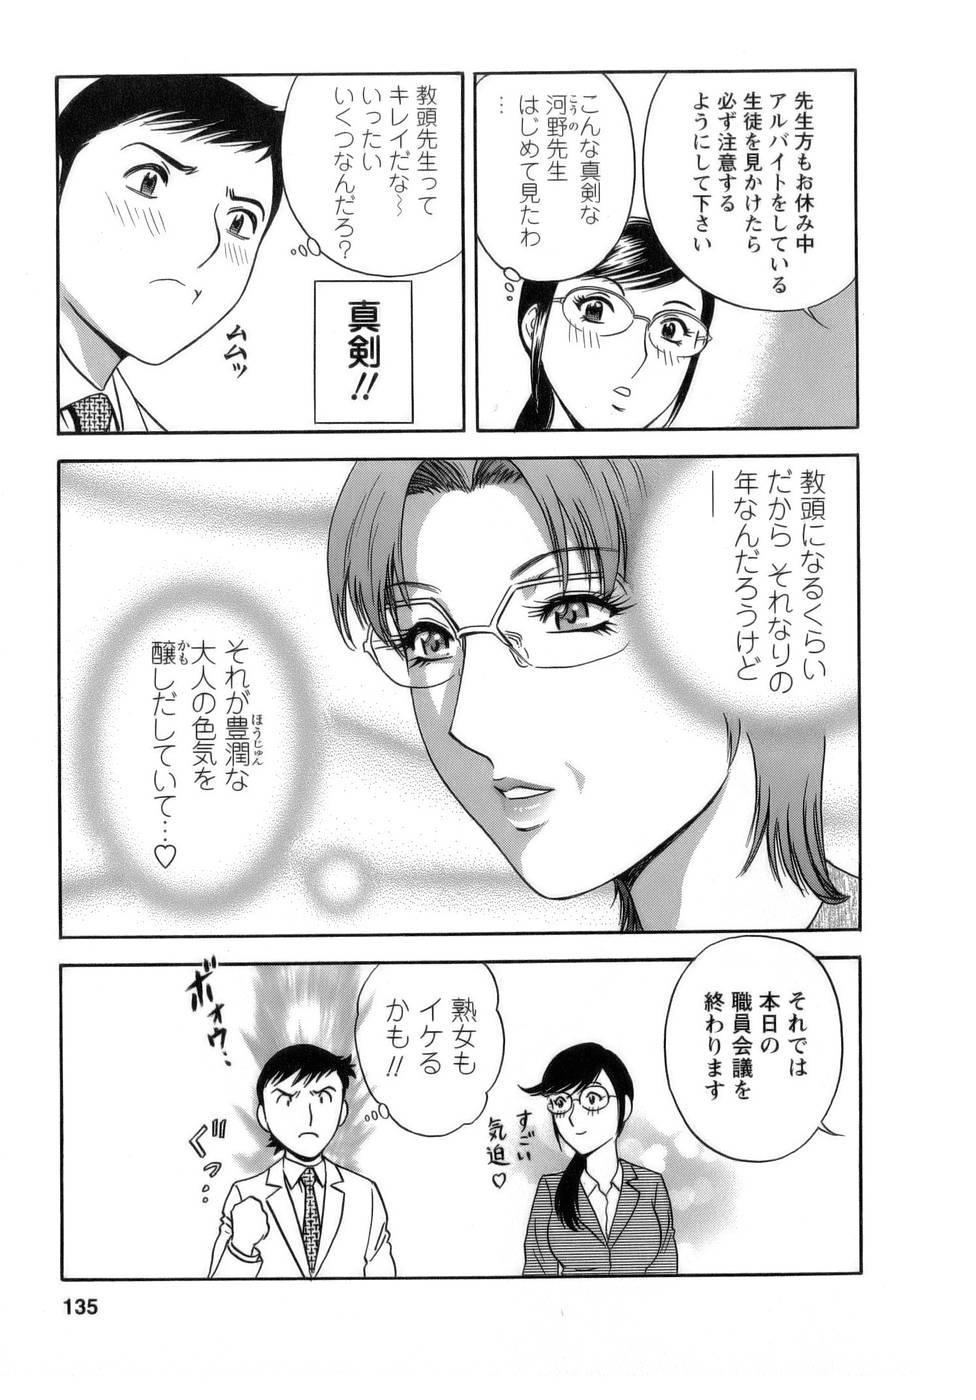 [Hidemaru] Mo-Retsu! Boin Sensei (Boing Boing Teacher) Vol.1 134